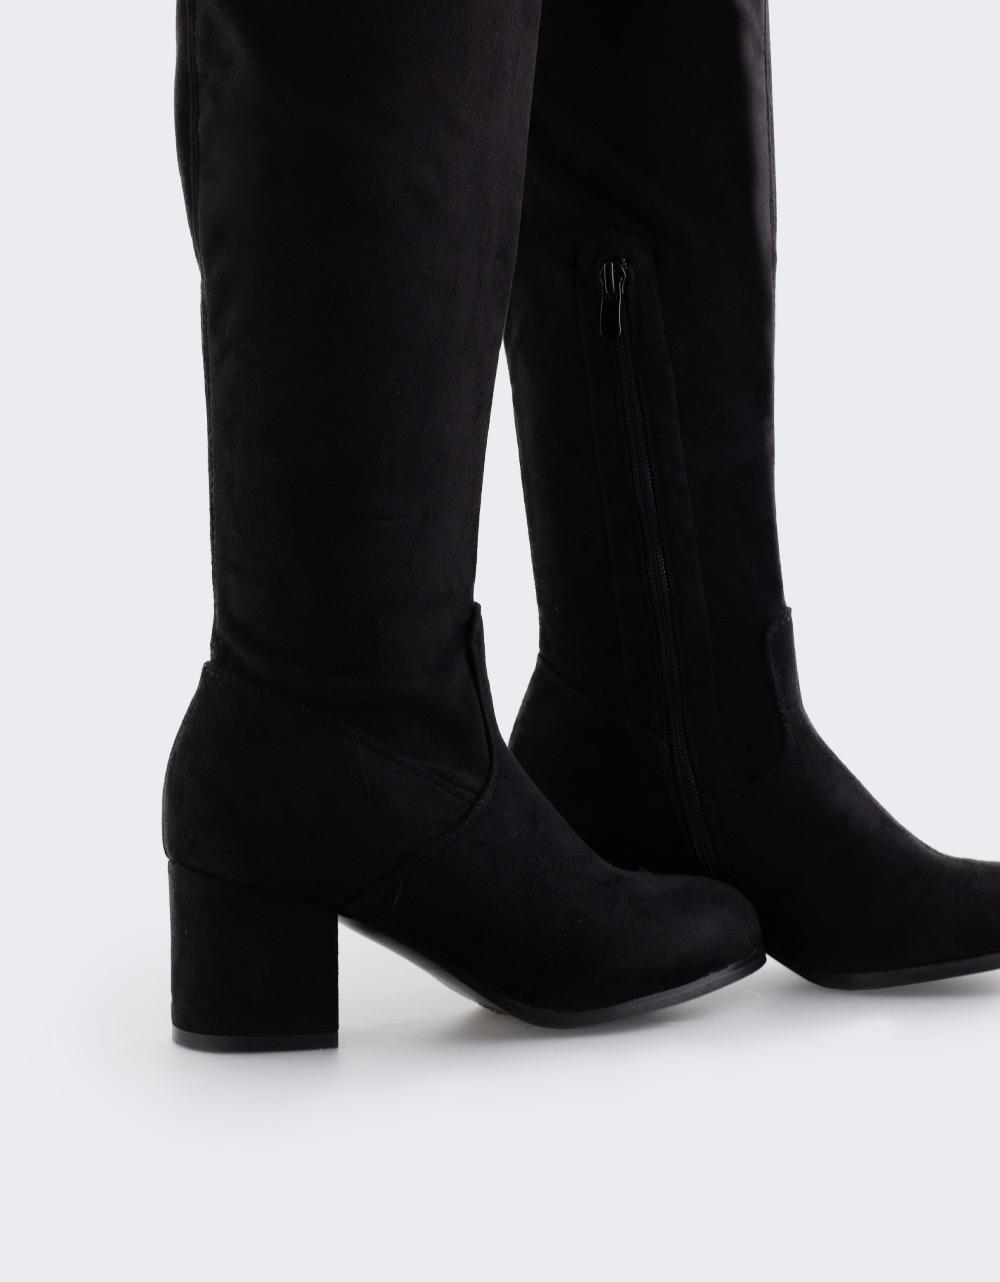 Εικόνα από Γυναικείες μπότες με χαμηλό τακούνι Μαύρο